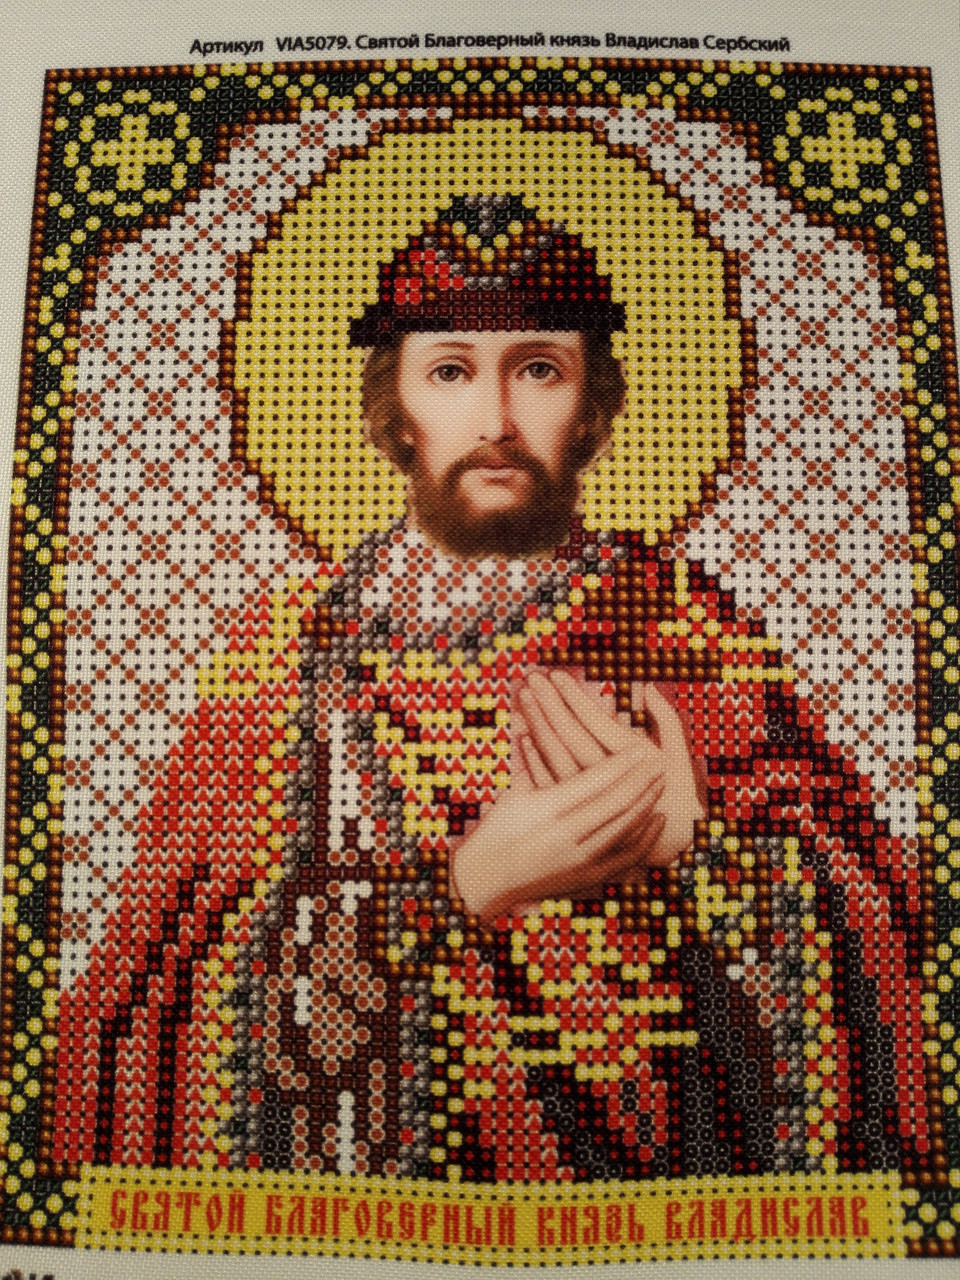 Набор для вышивки бисером икона Святой Благоверный Князь Владислав Сербский VIA 5079